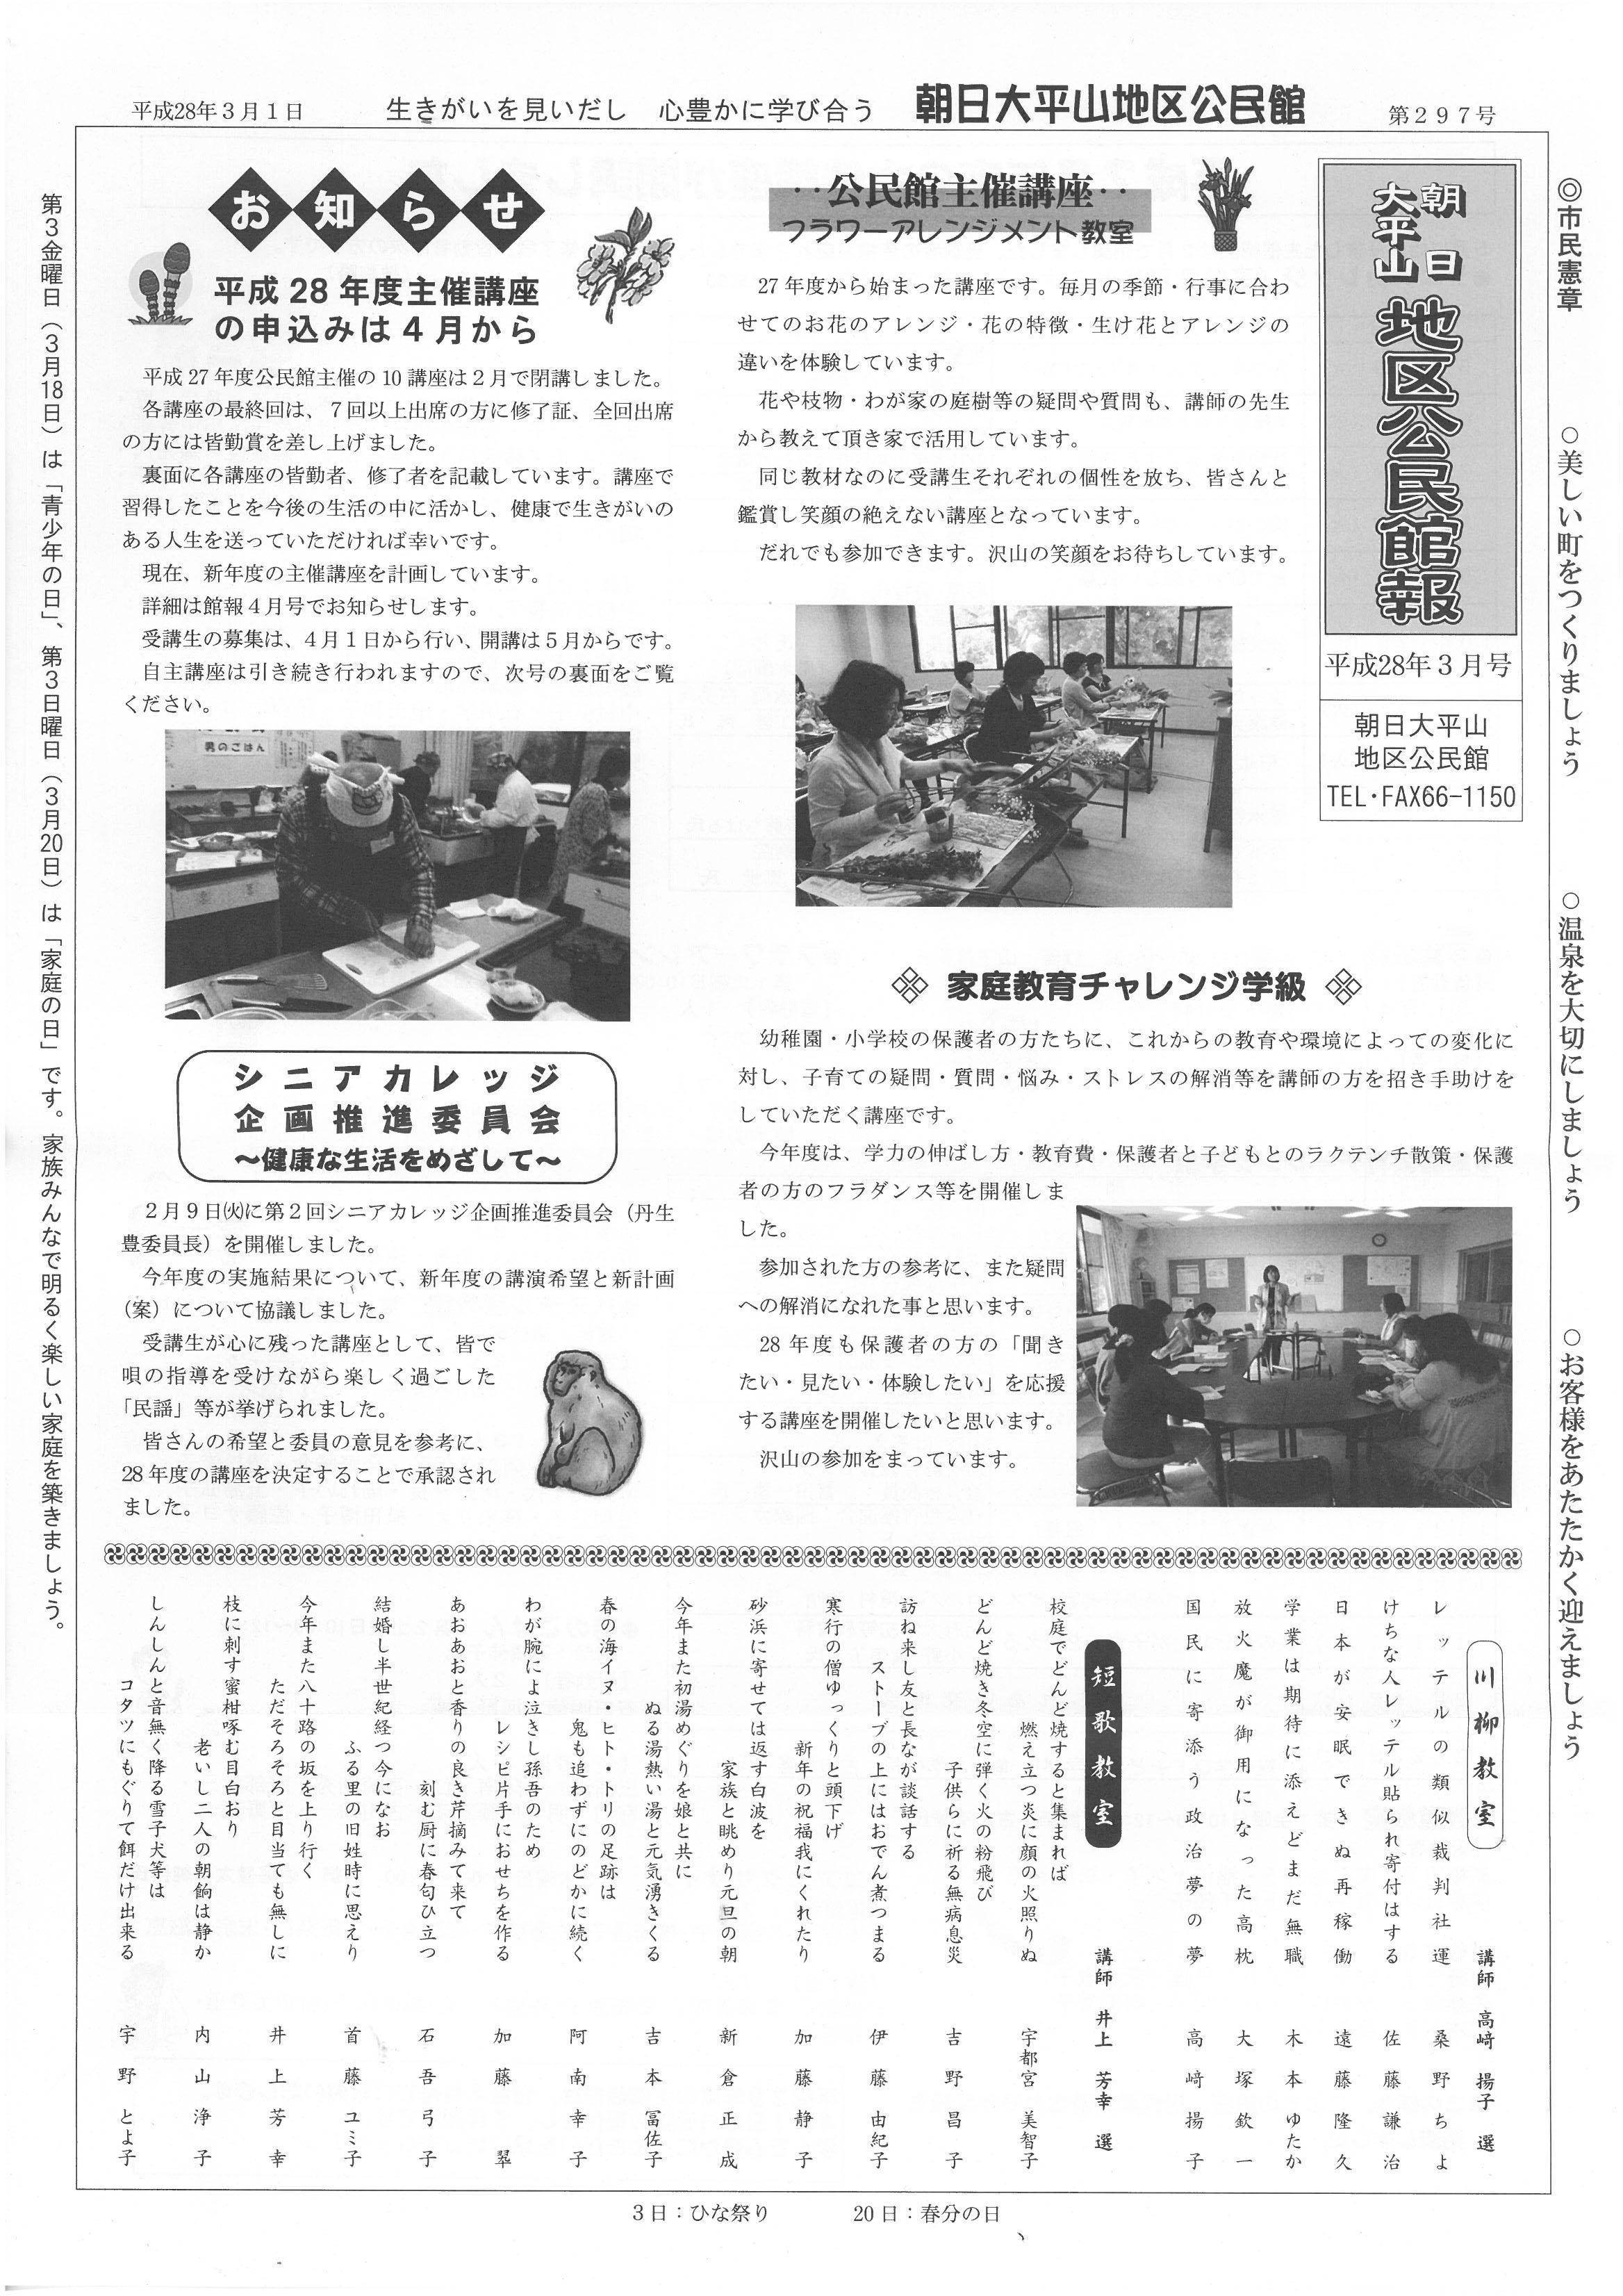 asahiohirayama2016_03_01